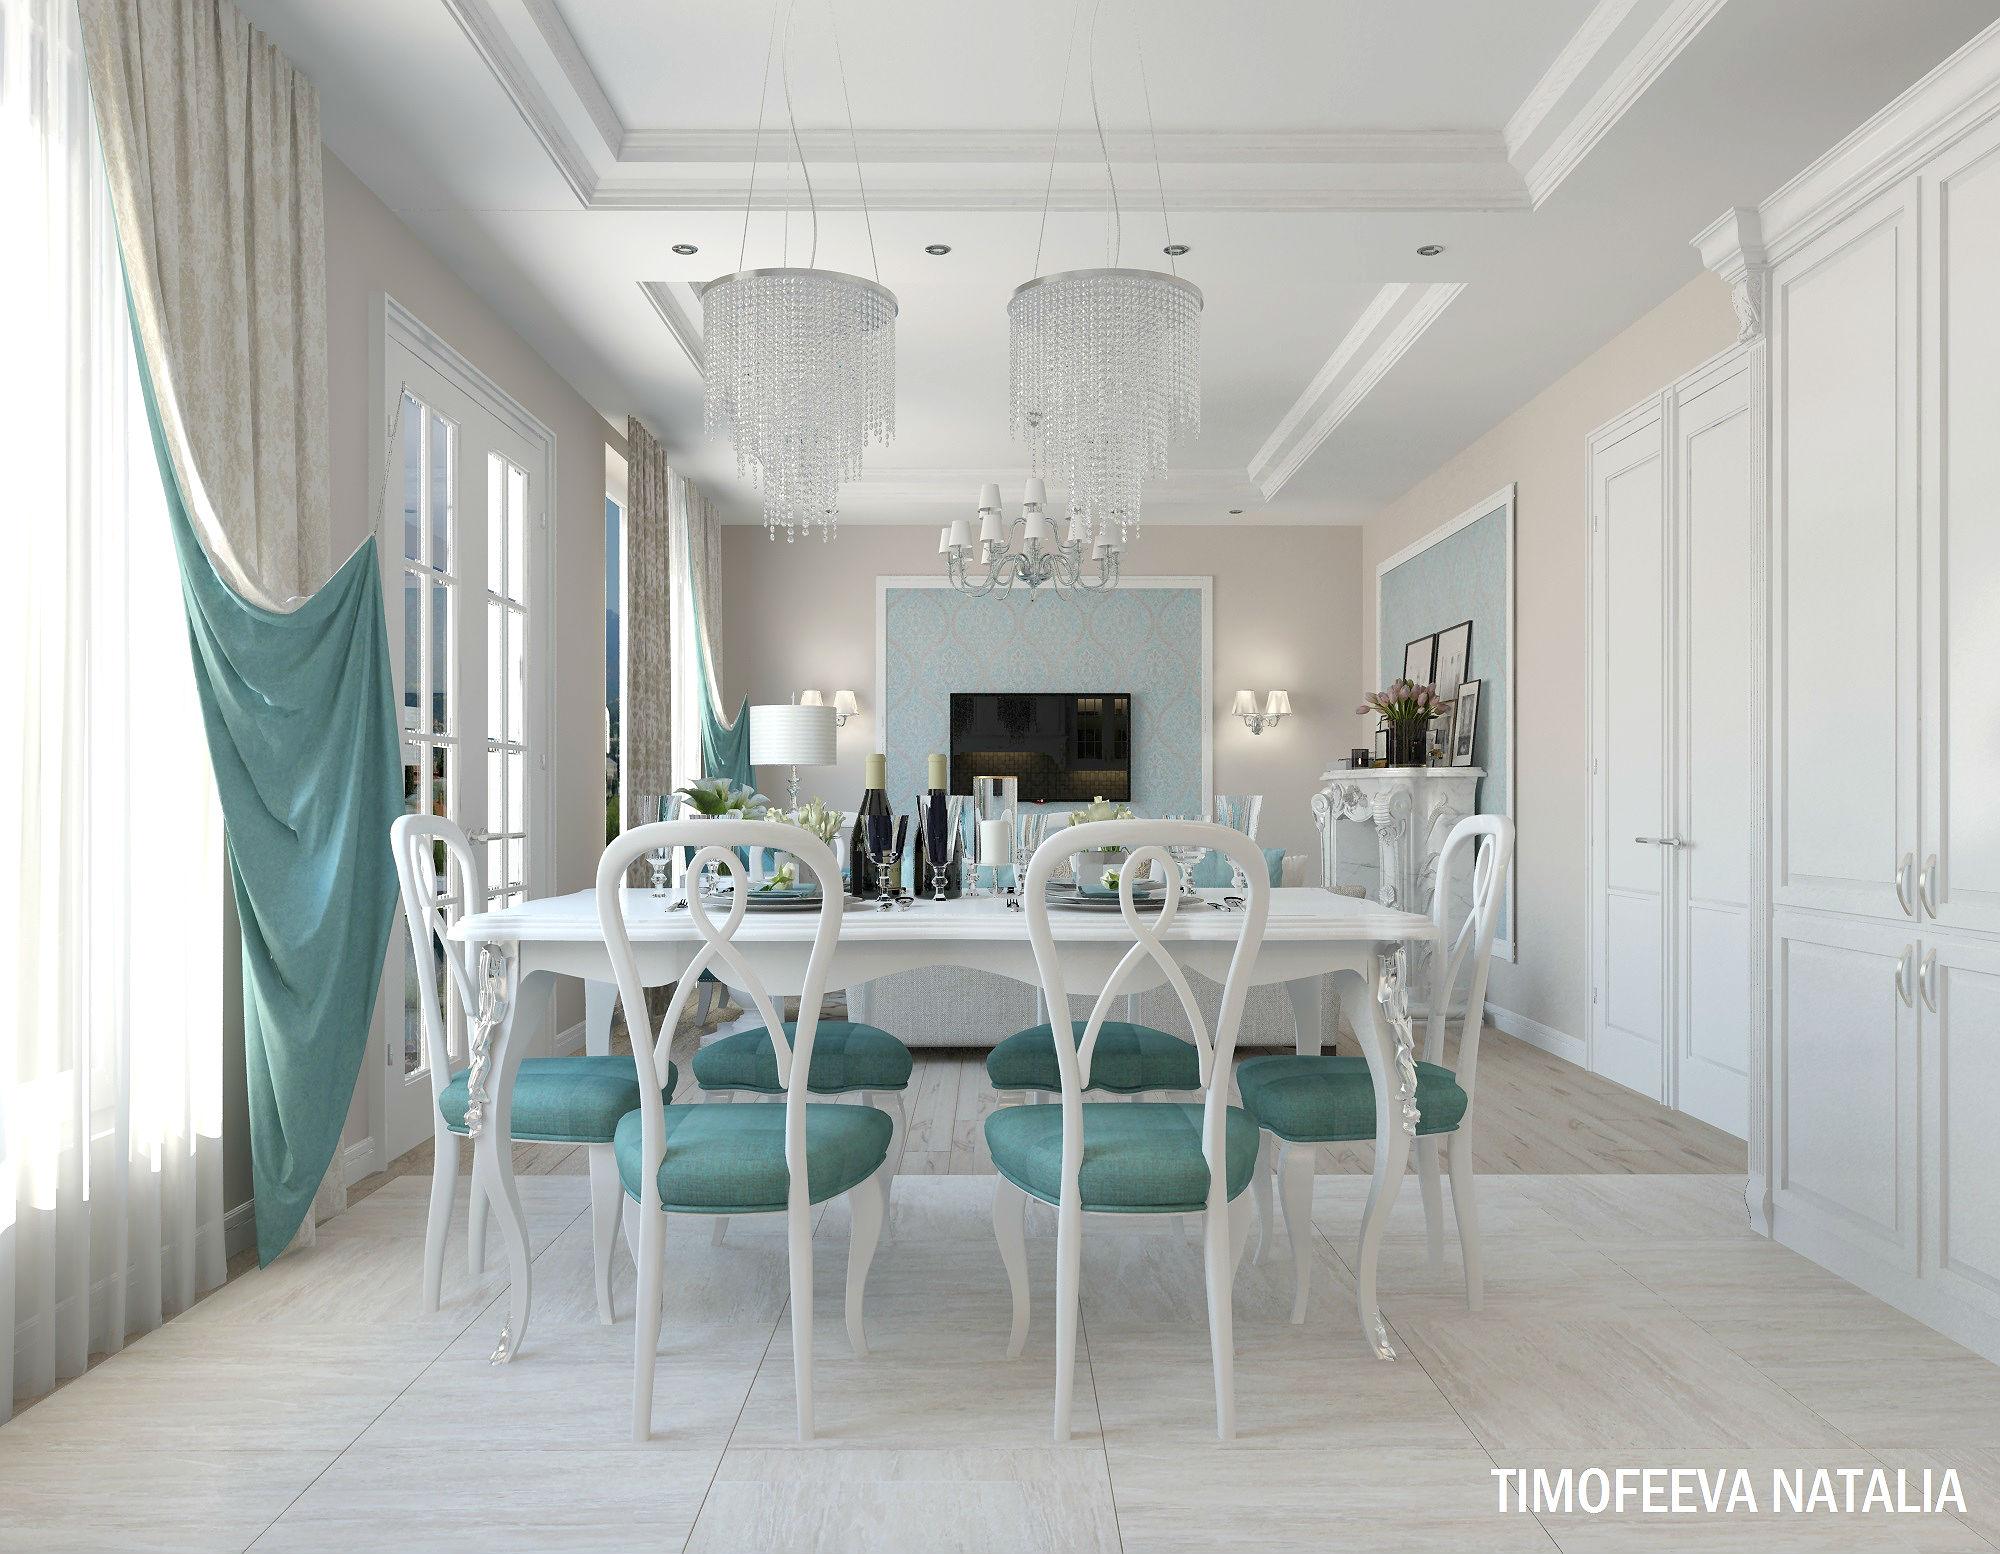 кухня-гостиная дизайн фото 35 кв.м